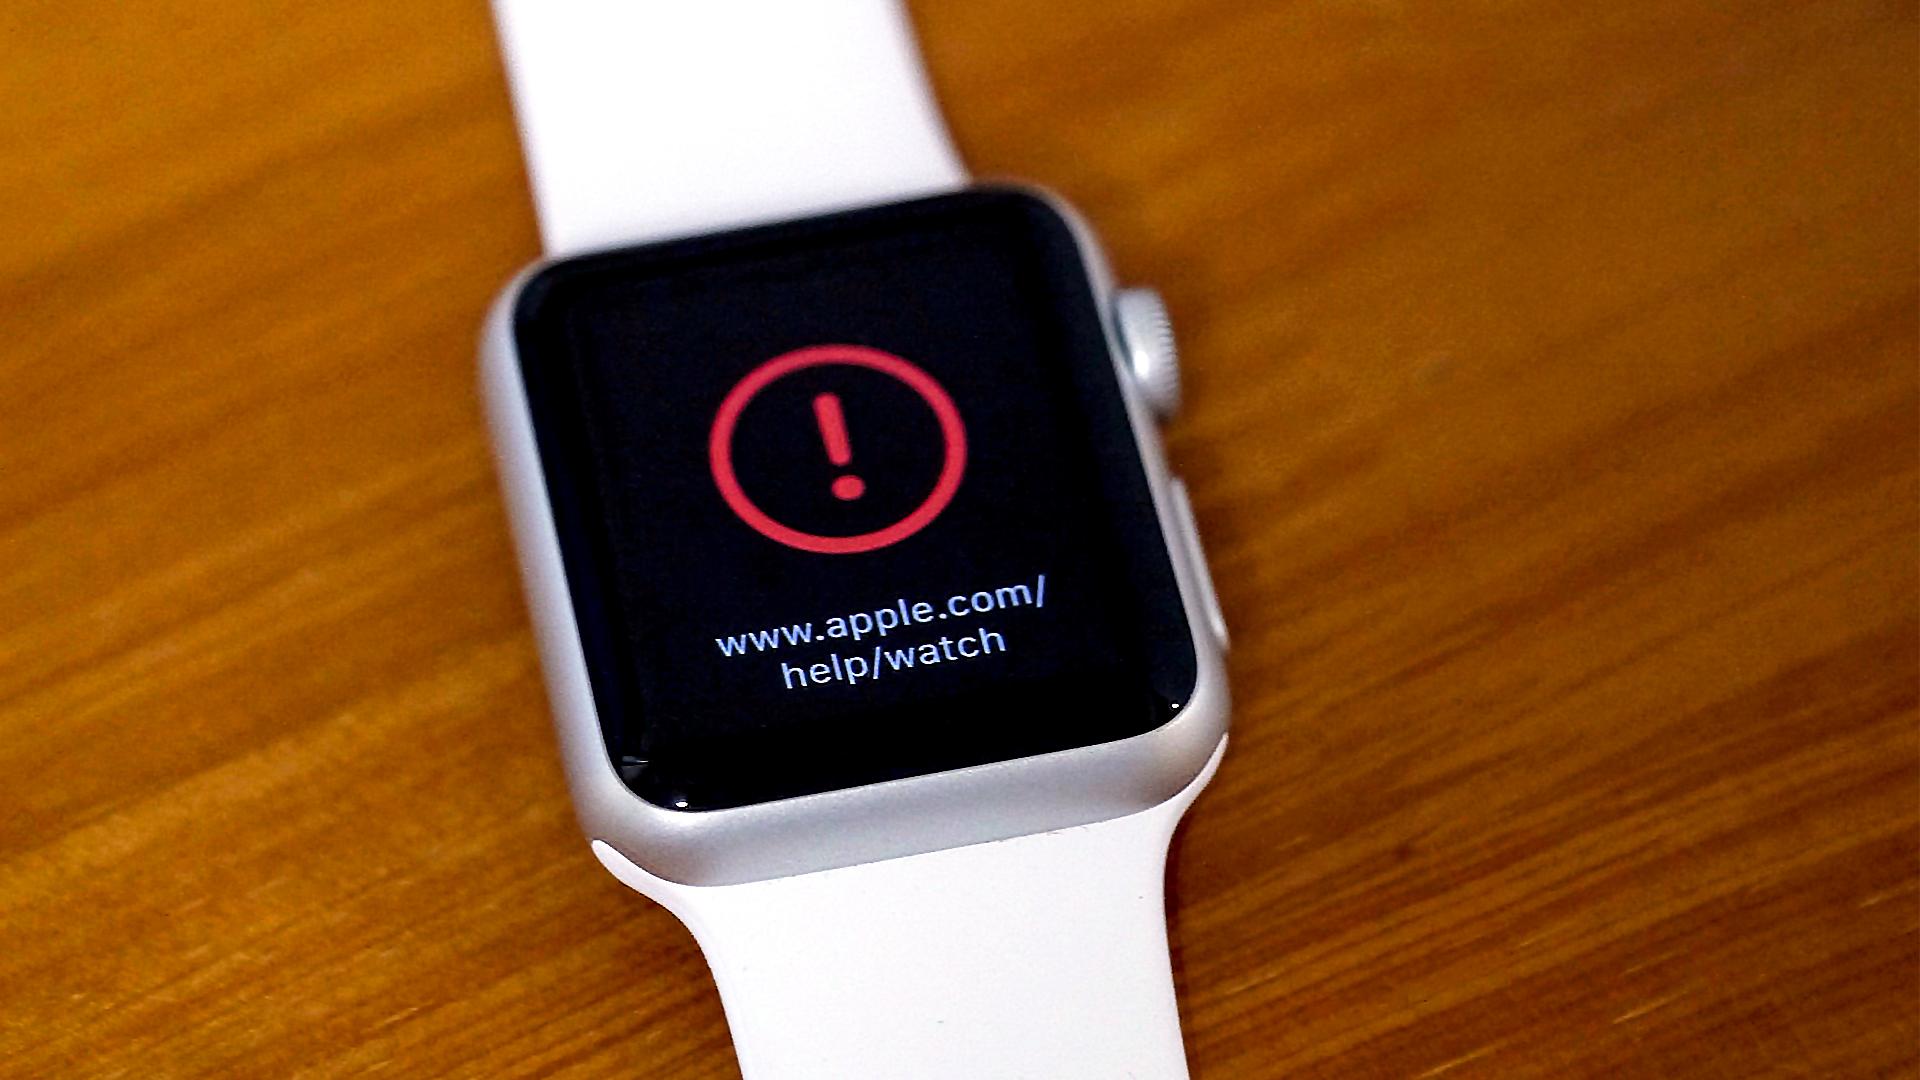 Latest watchOS update bricks some Apple Watches   Ars Technica